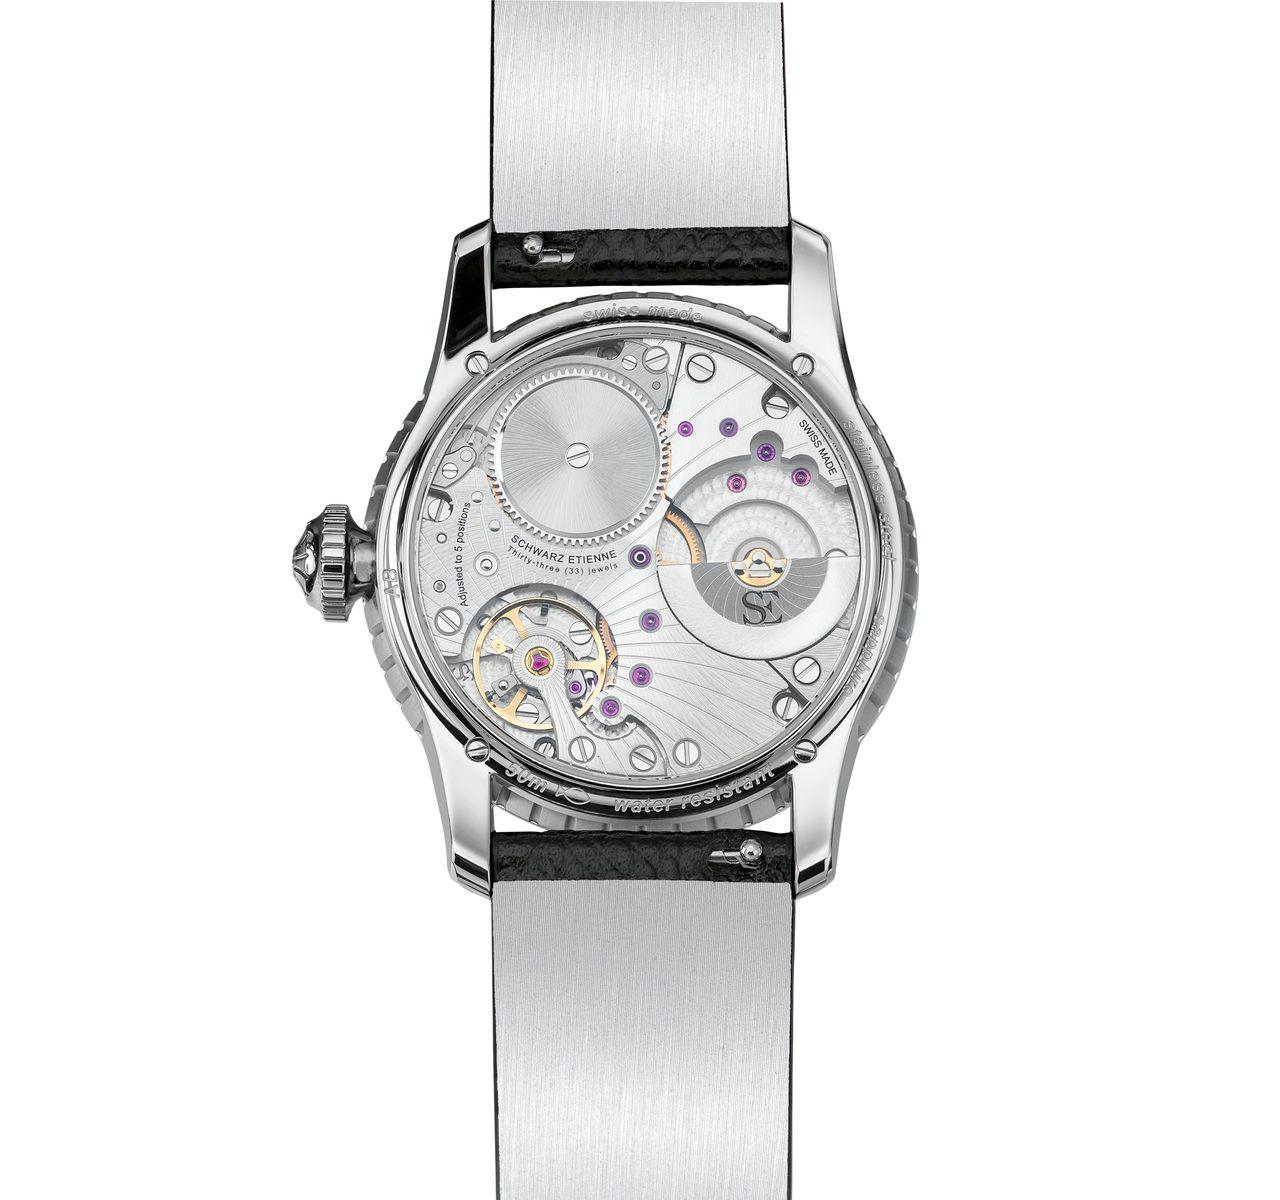 Schwarz Etienne Fiji Floral Seconds -- női óráknál ritka az ilyen látvány